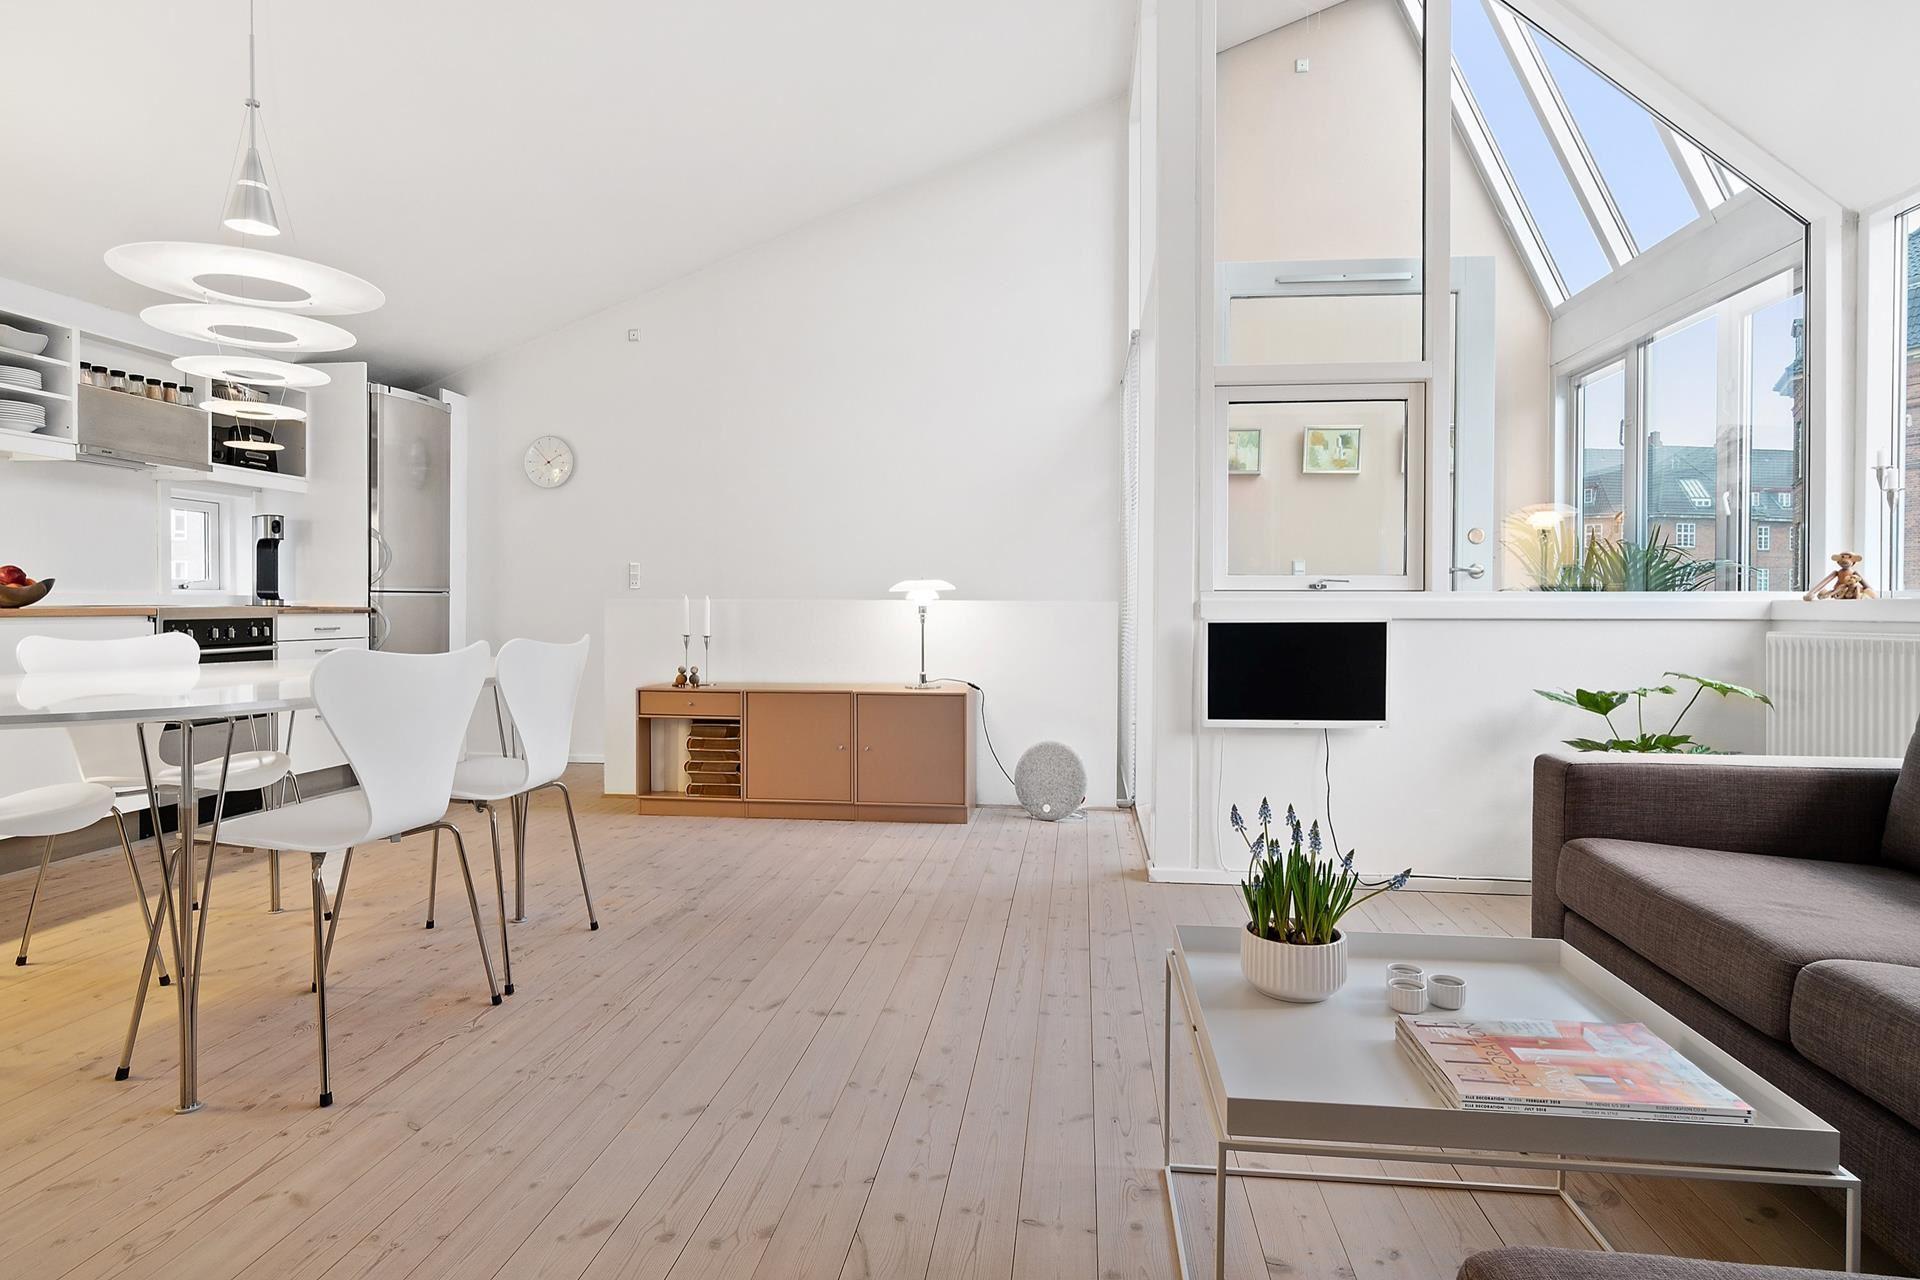 Masnedøgade 2A, 1. Dør/lejl. 11, 2100 København Ø